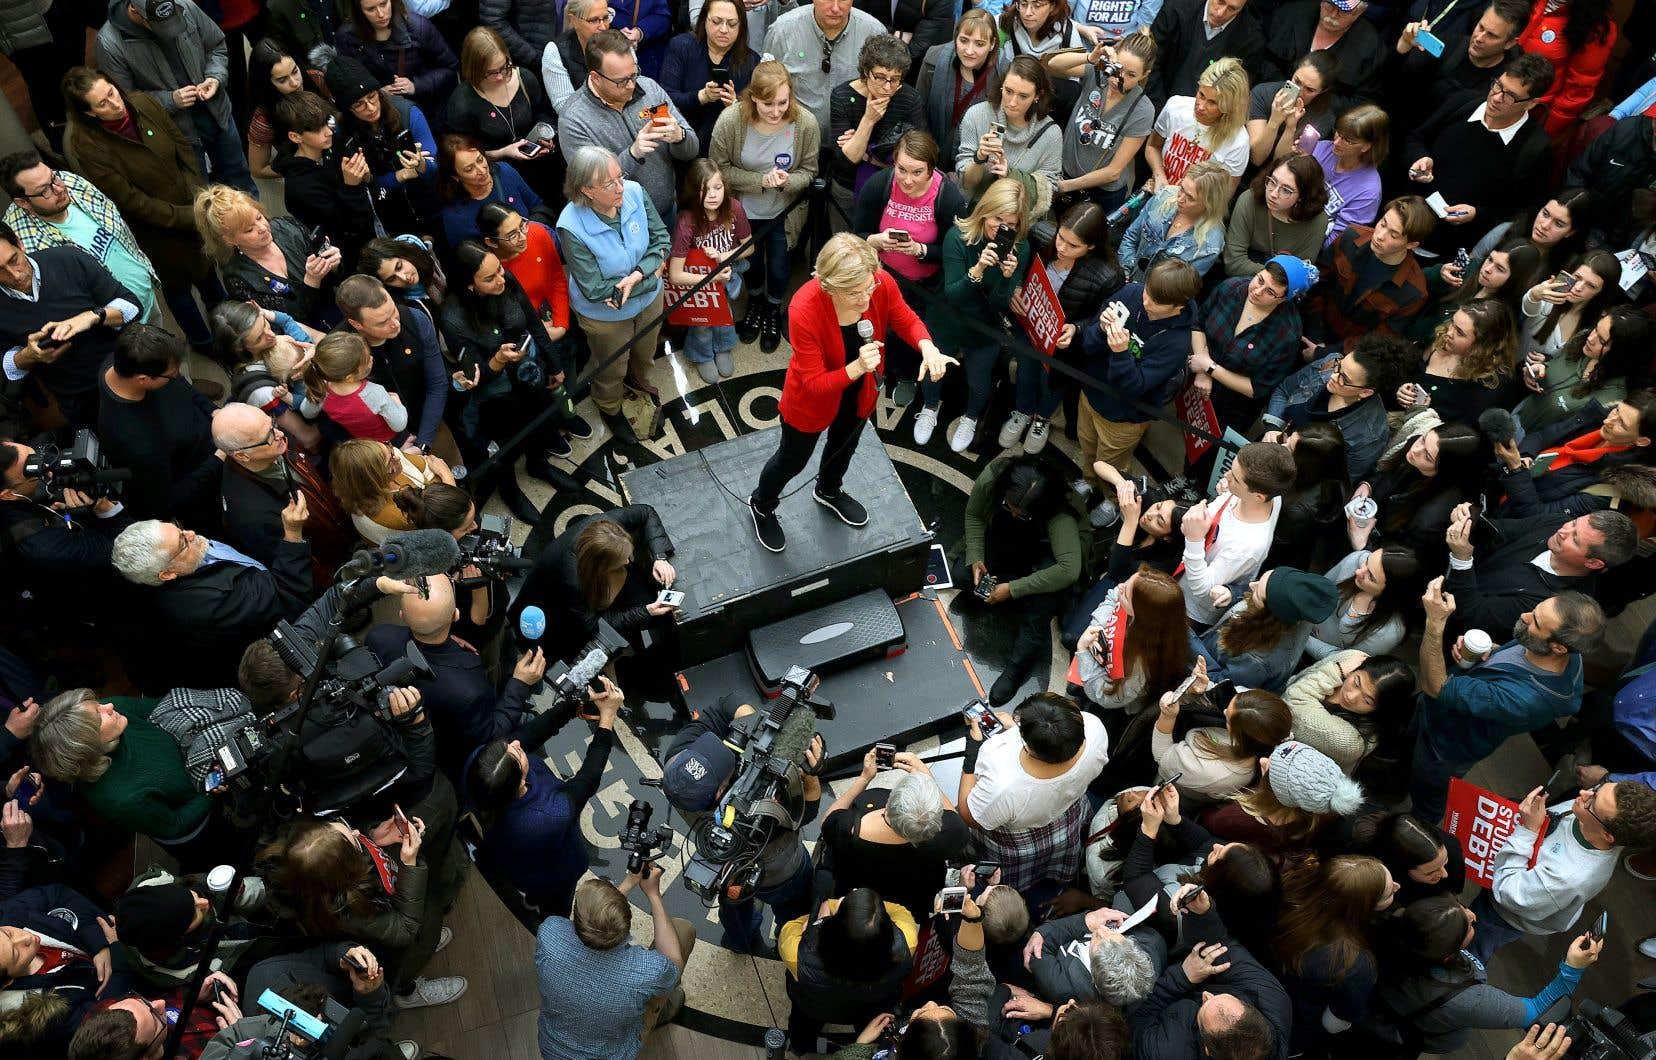 La candidate Elizabeth Warren s'est adressée à ses partisans réunis sur le campus de l'Université Simpson, à Indianola, dimanche.